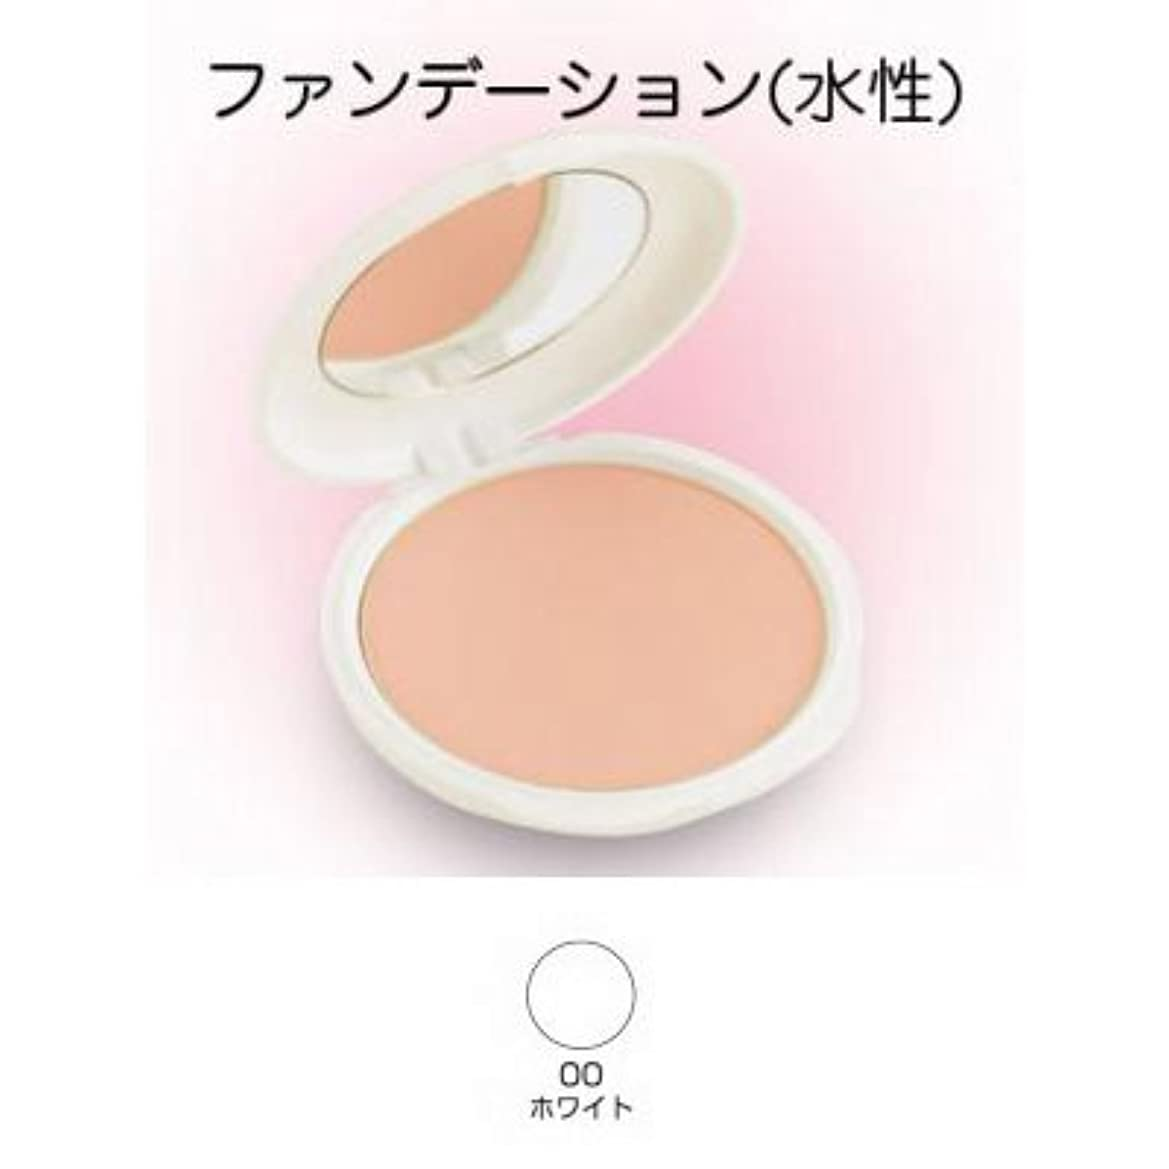 インレイ防水フライトツーウェイケーキ 28g 00ホワイト 【三善】